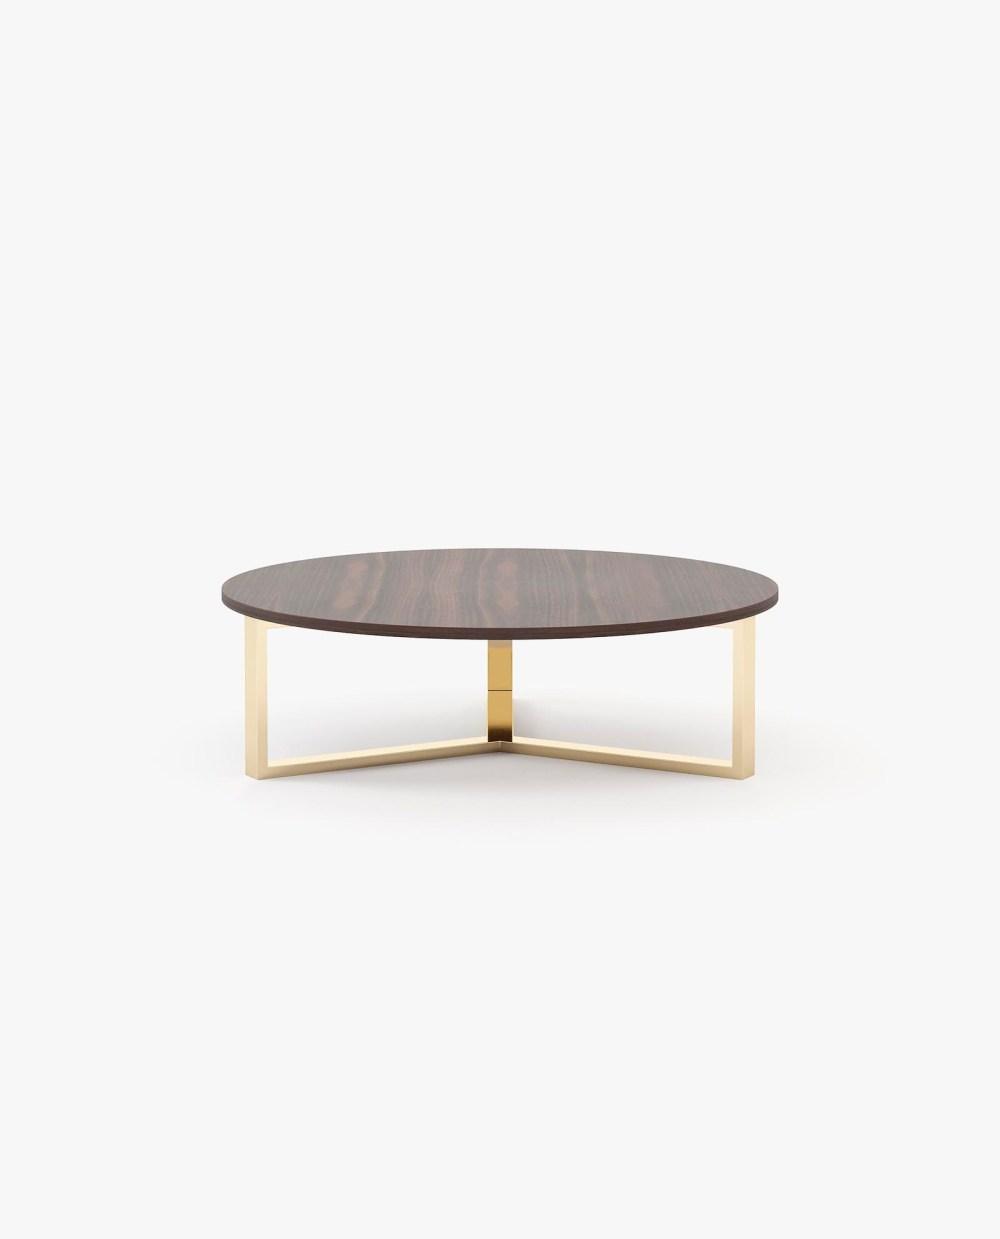 mesa de centro Dili com acabamento em madeira e metal